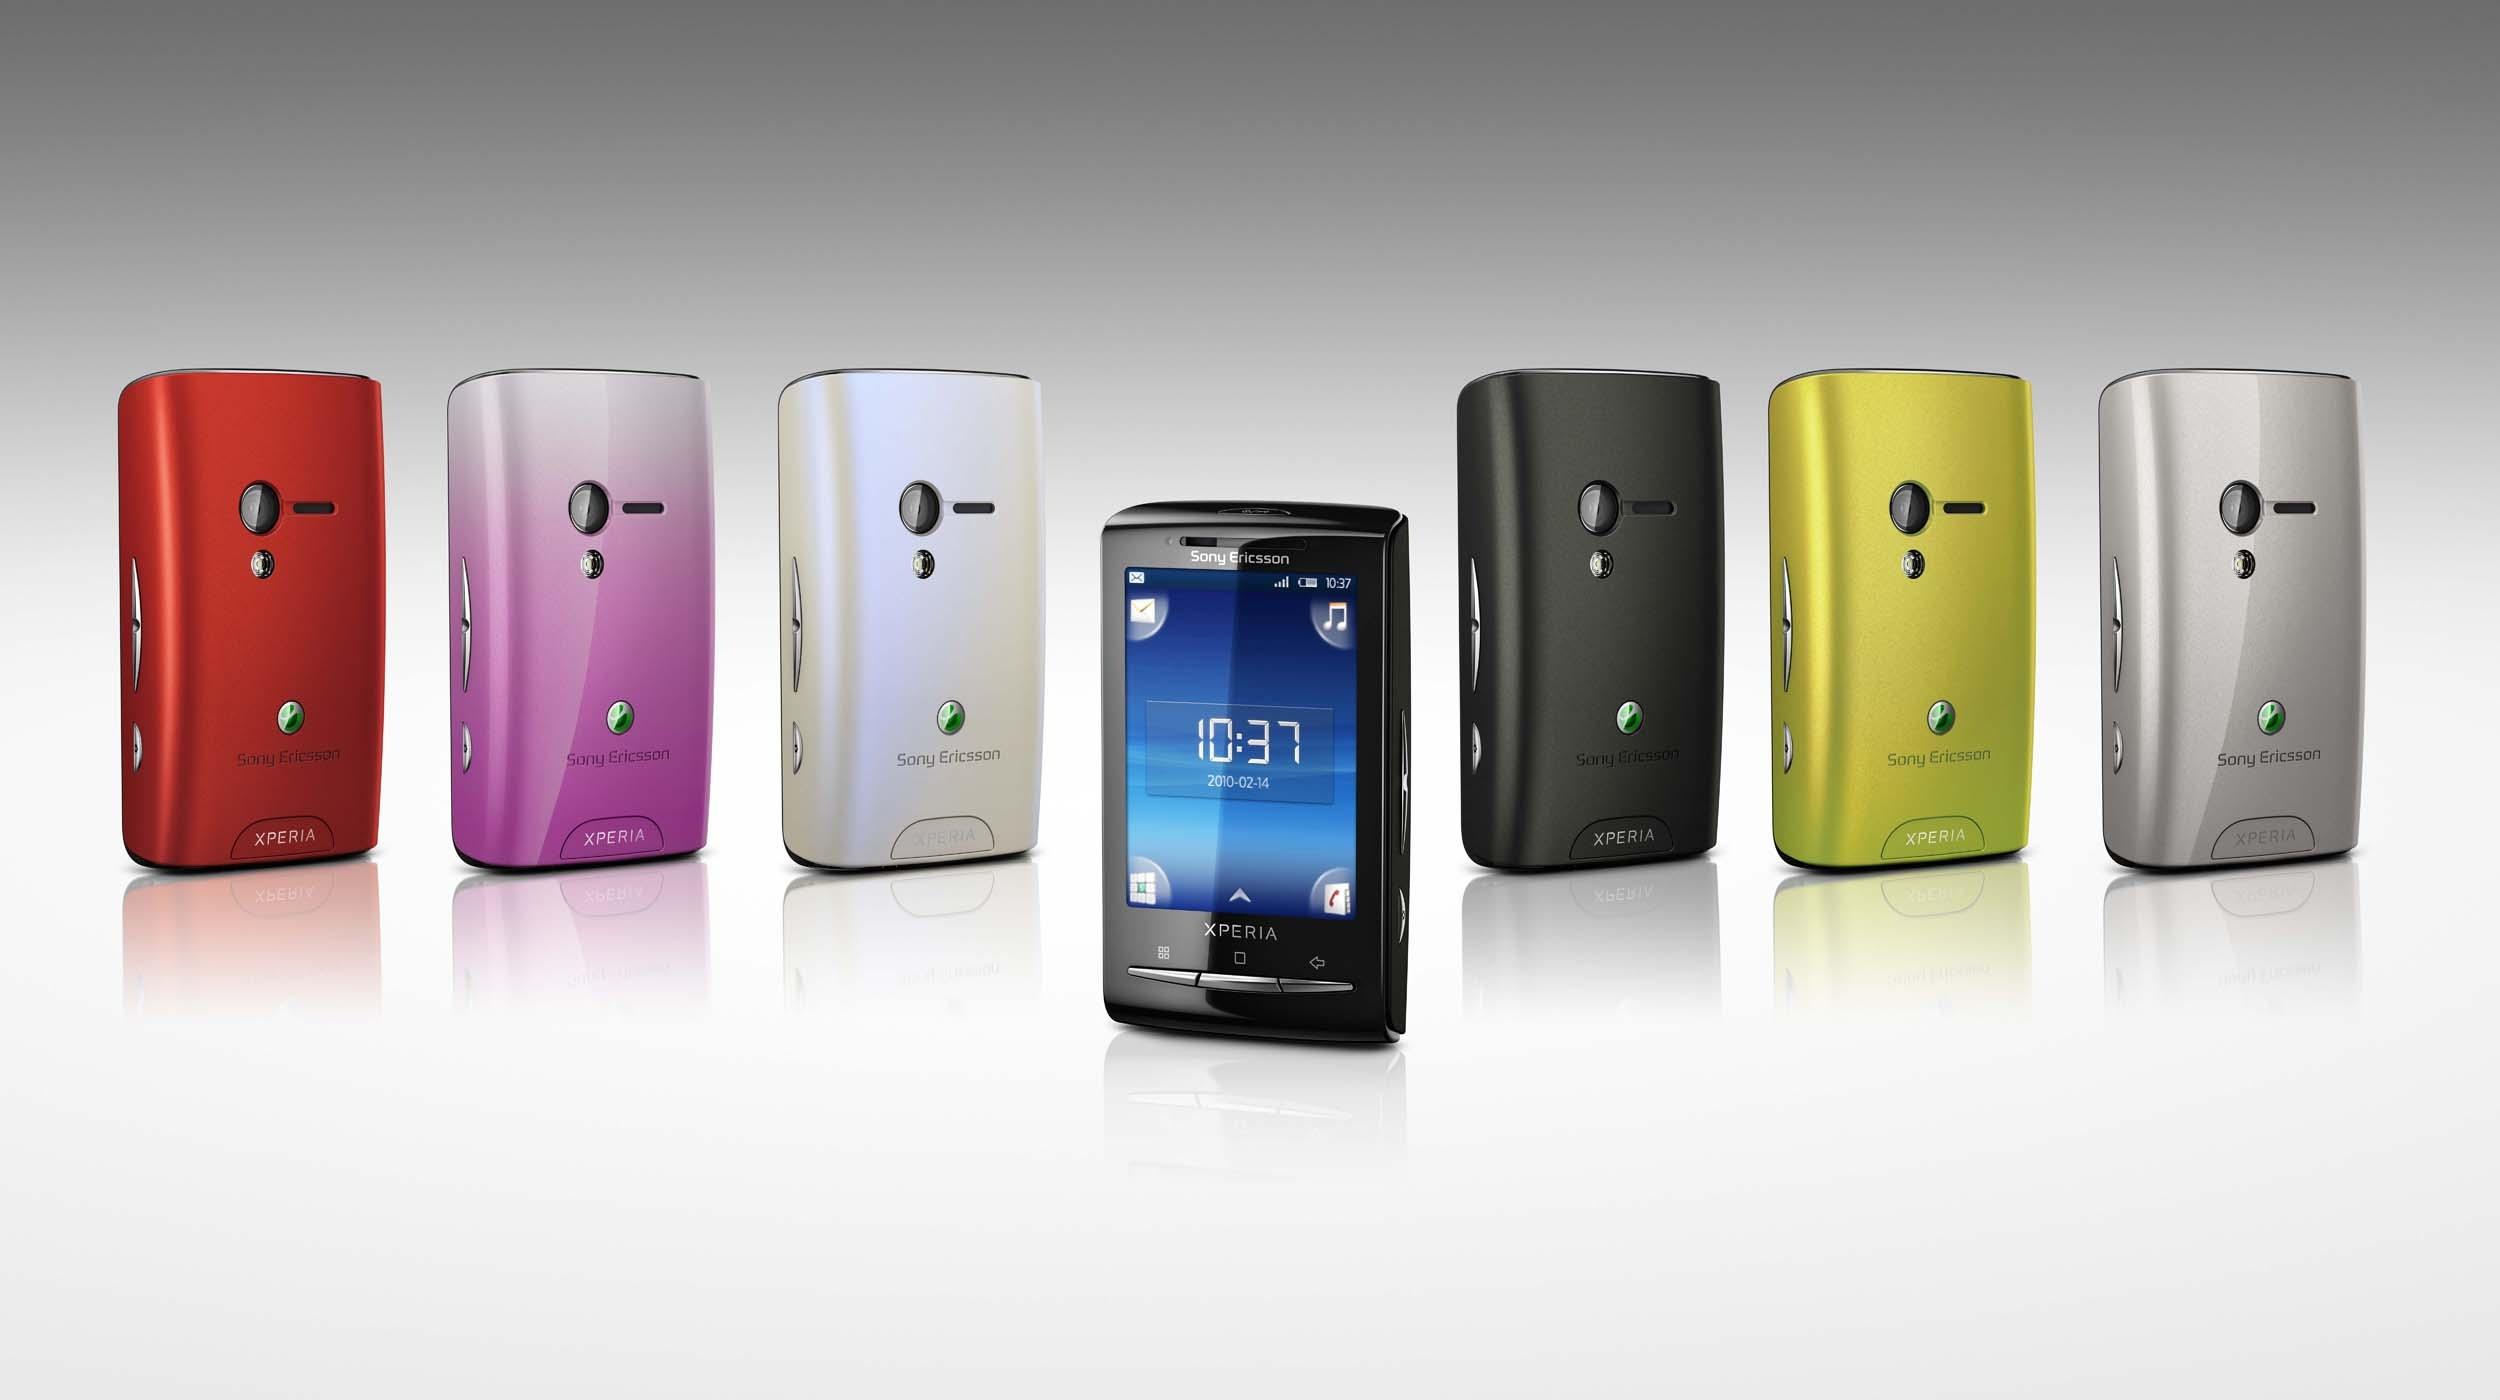 Sony Ericsson Xperia X10 Mini   PakMobiZone